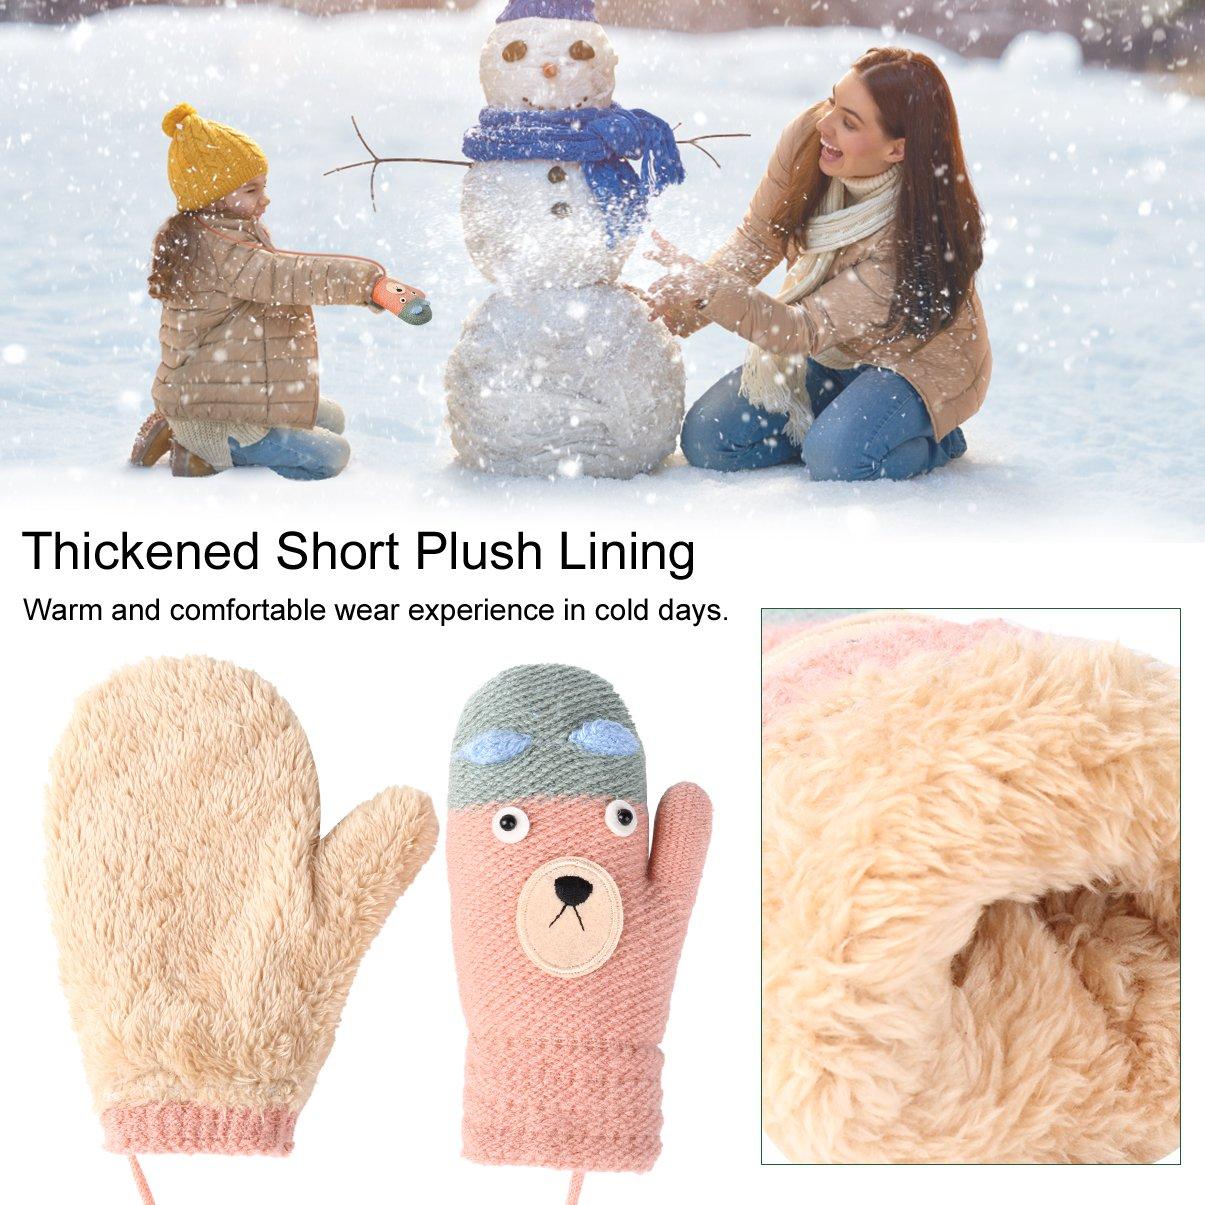 Vbiger Kinder Gestrickte Handschuhe verdickte Gestrickte Handschuhe Weiche Outdoor Winterhandschuhe Warme Handschuhe Bequeme Handschuhe mit niedlichen Cartoon Muster für Kinder zwischen 4-8 Jahre alt